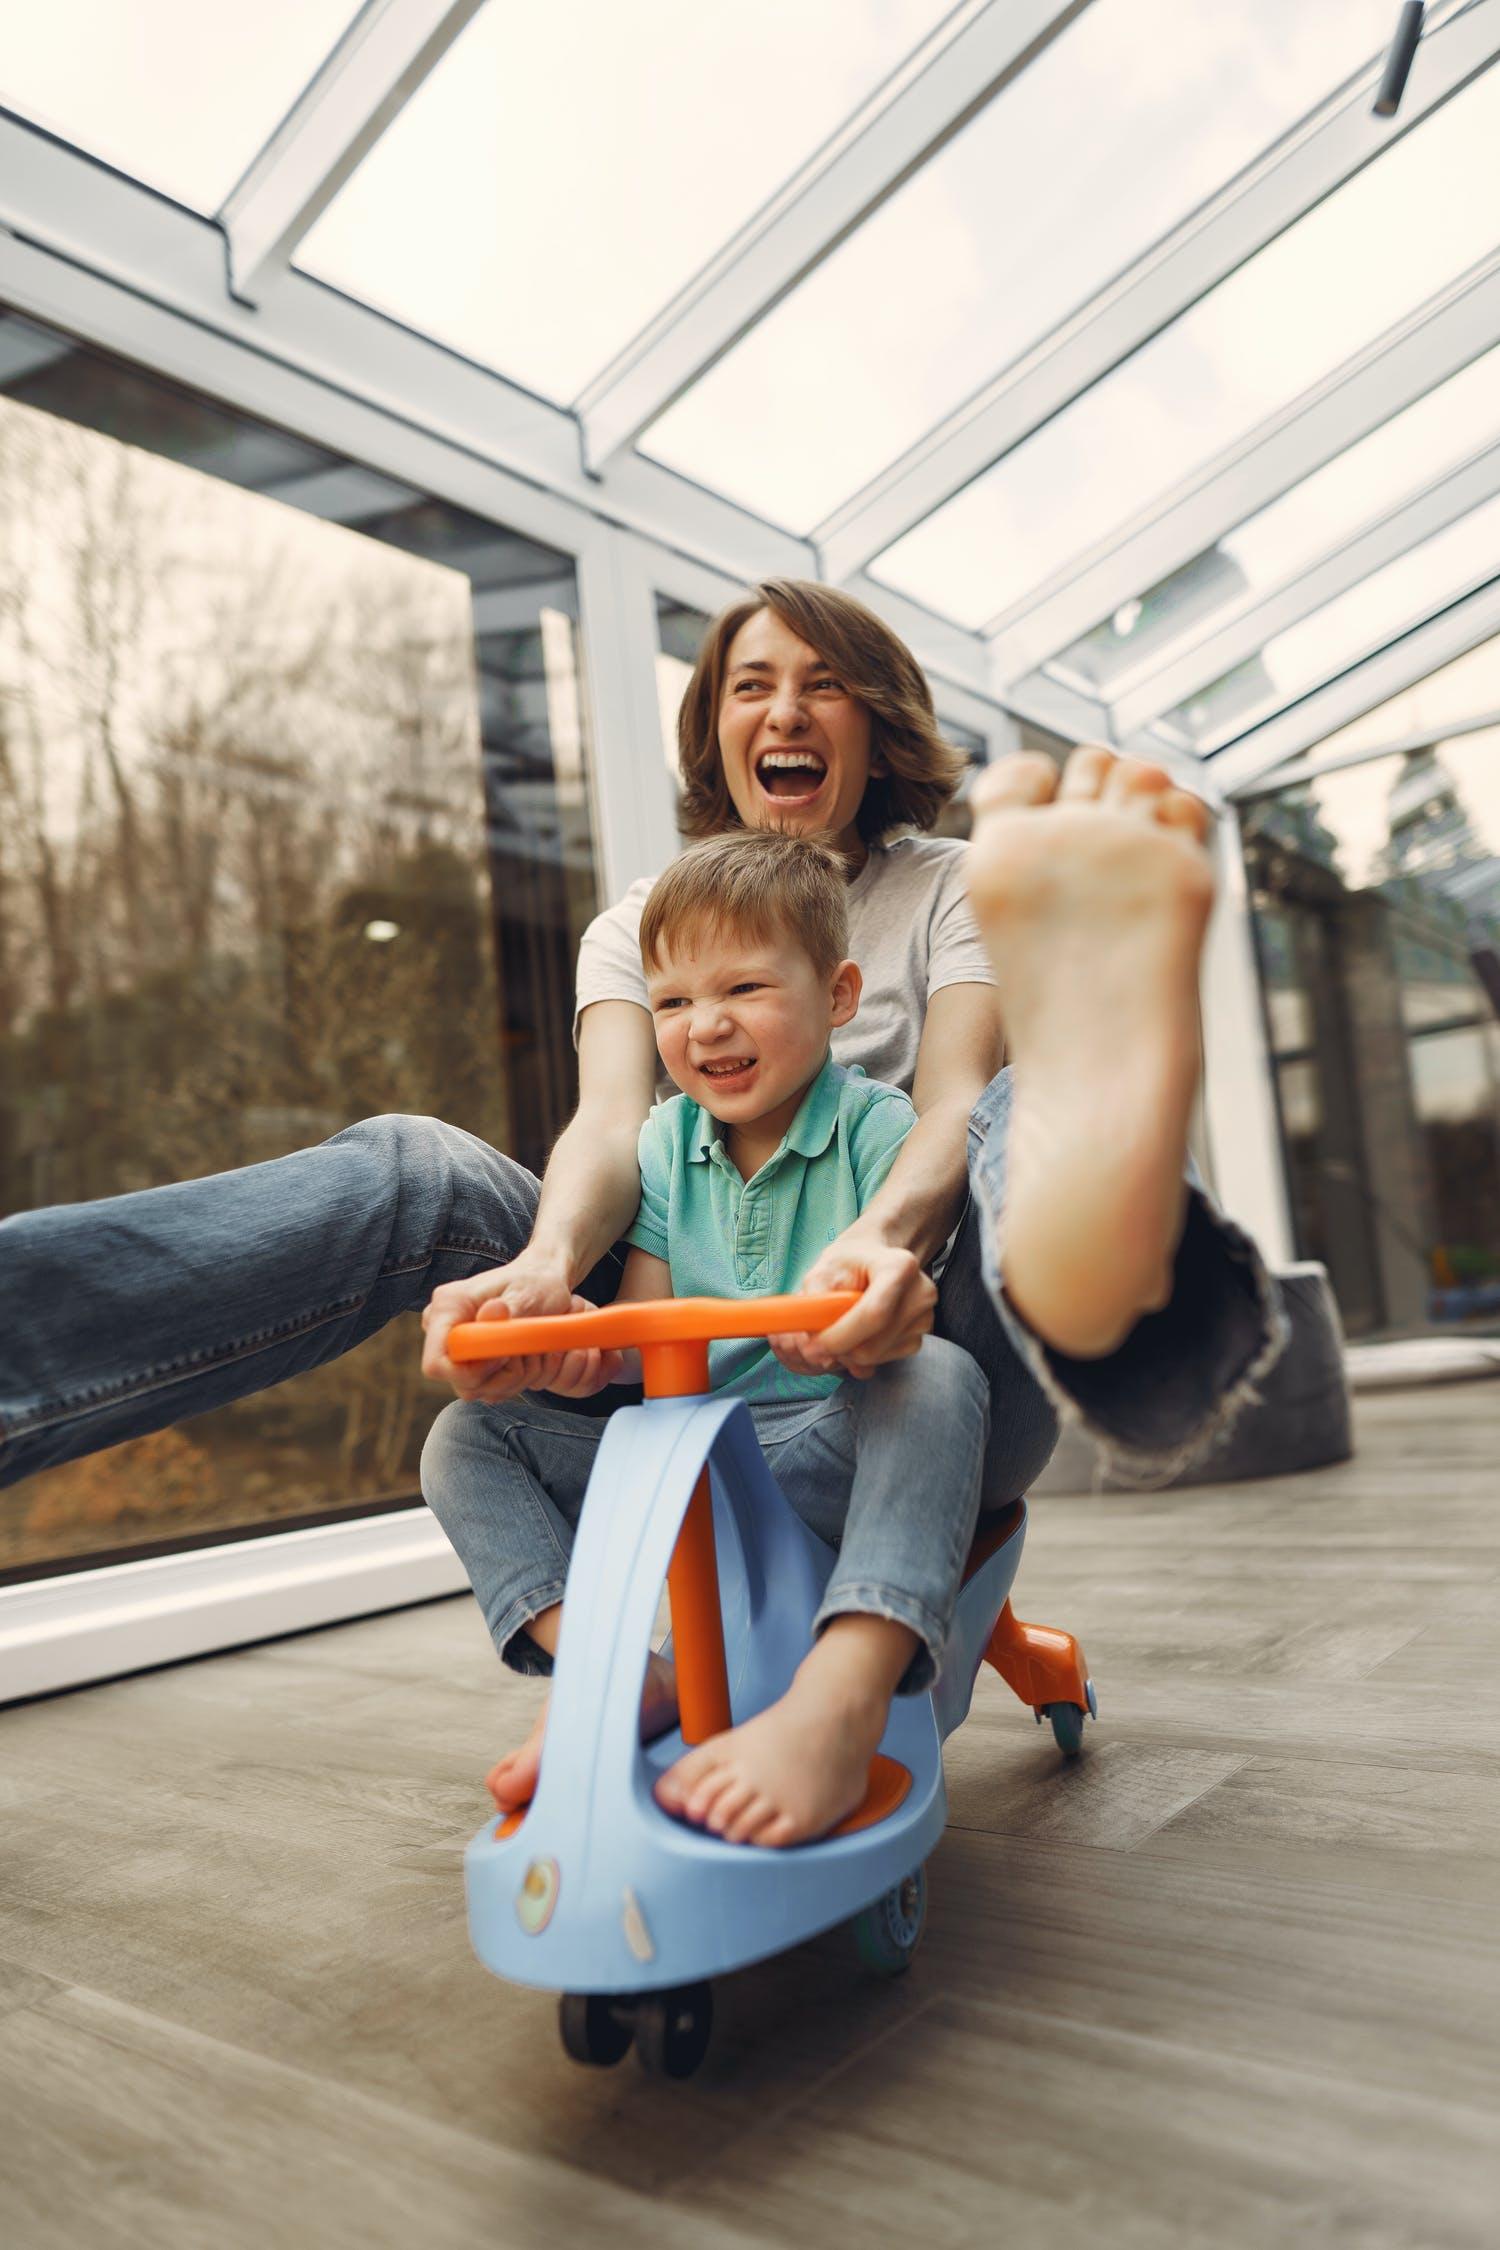 Сын растет без отца или как матери-одиночке воспитать сына настоящим мужчиной? Рассказывают психологи